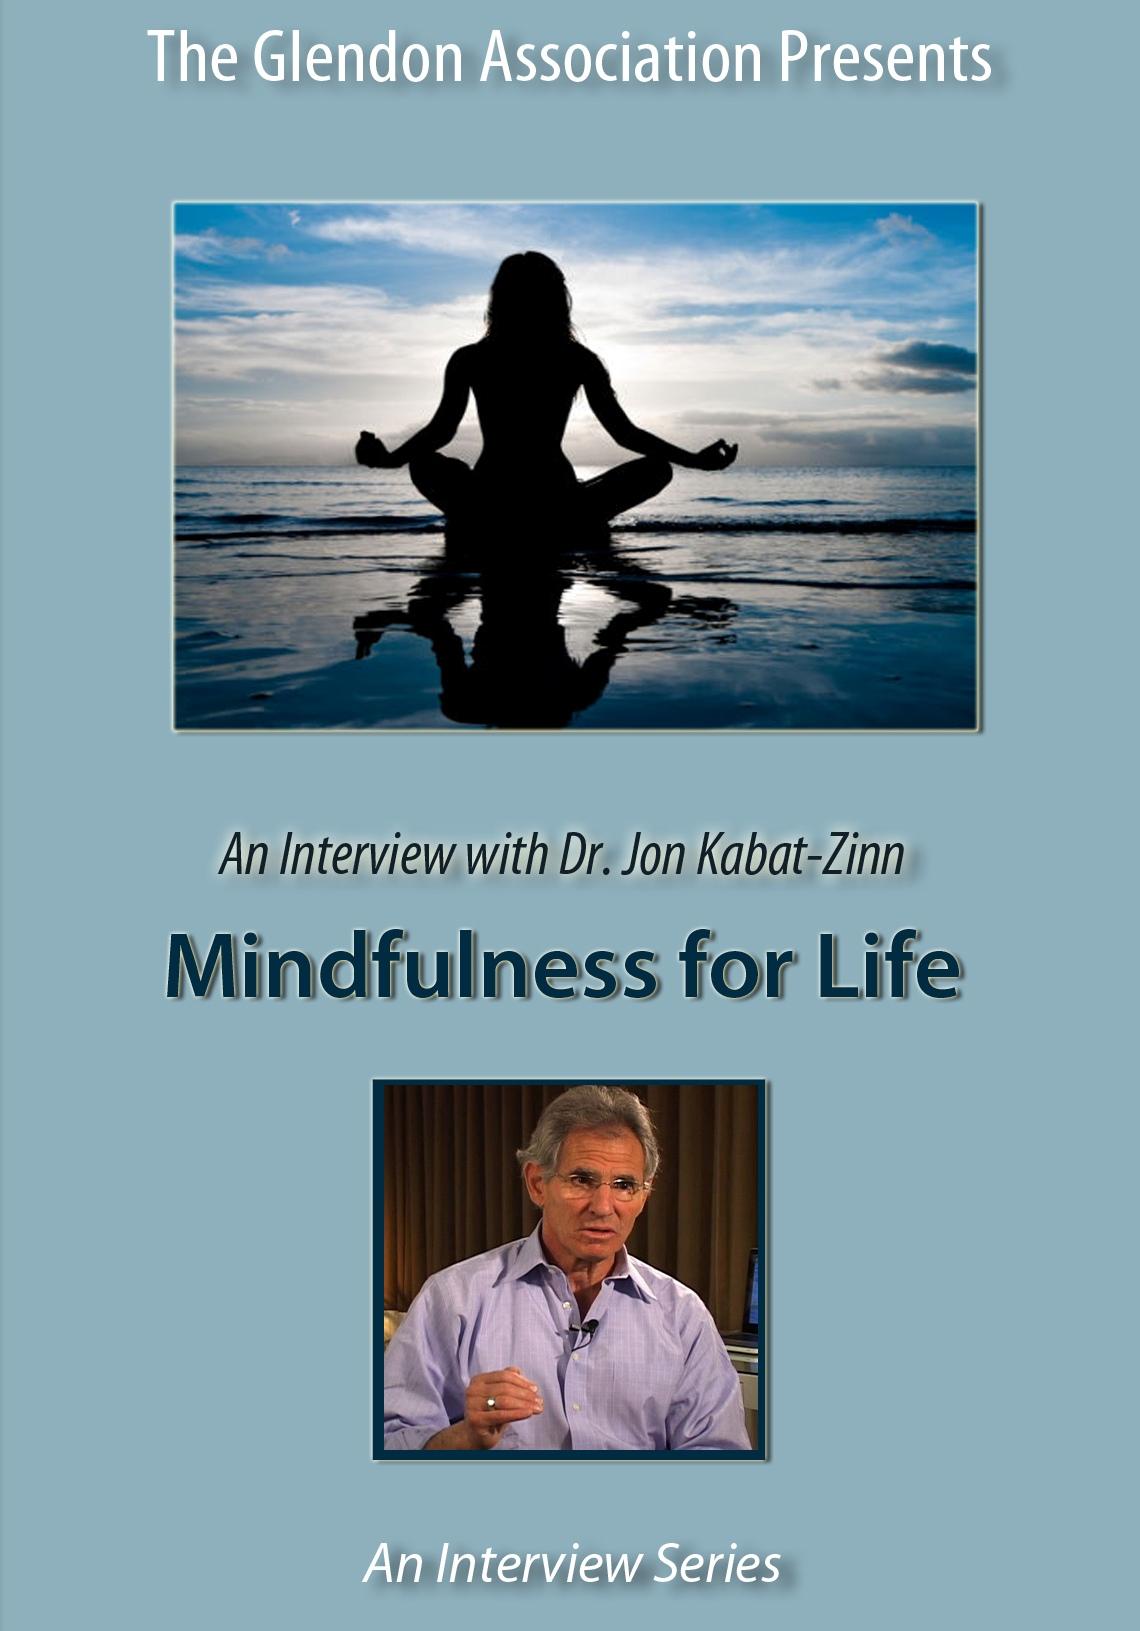 http://www.glendon.org/wp-content/uploads/2012/10/DVD-cover-Jon-Kabat-Zinn.jpg